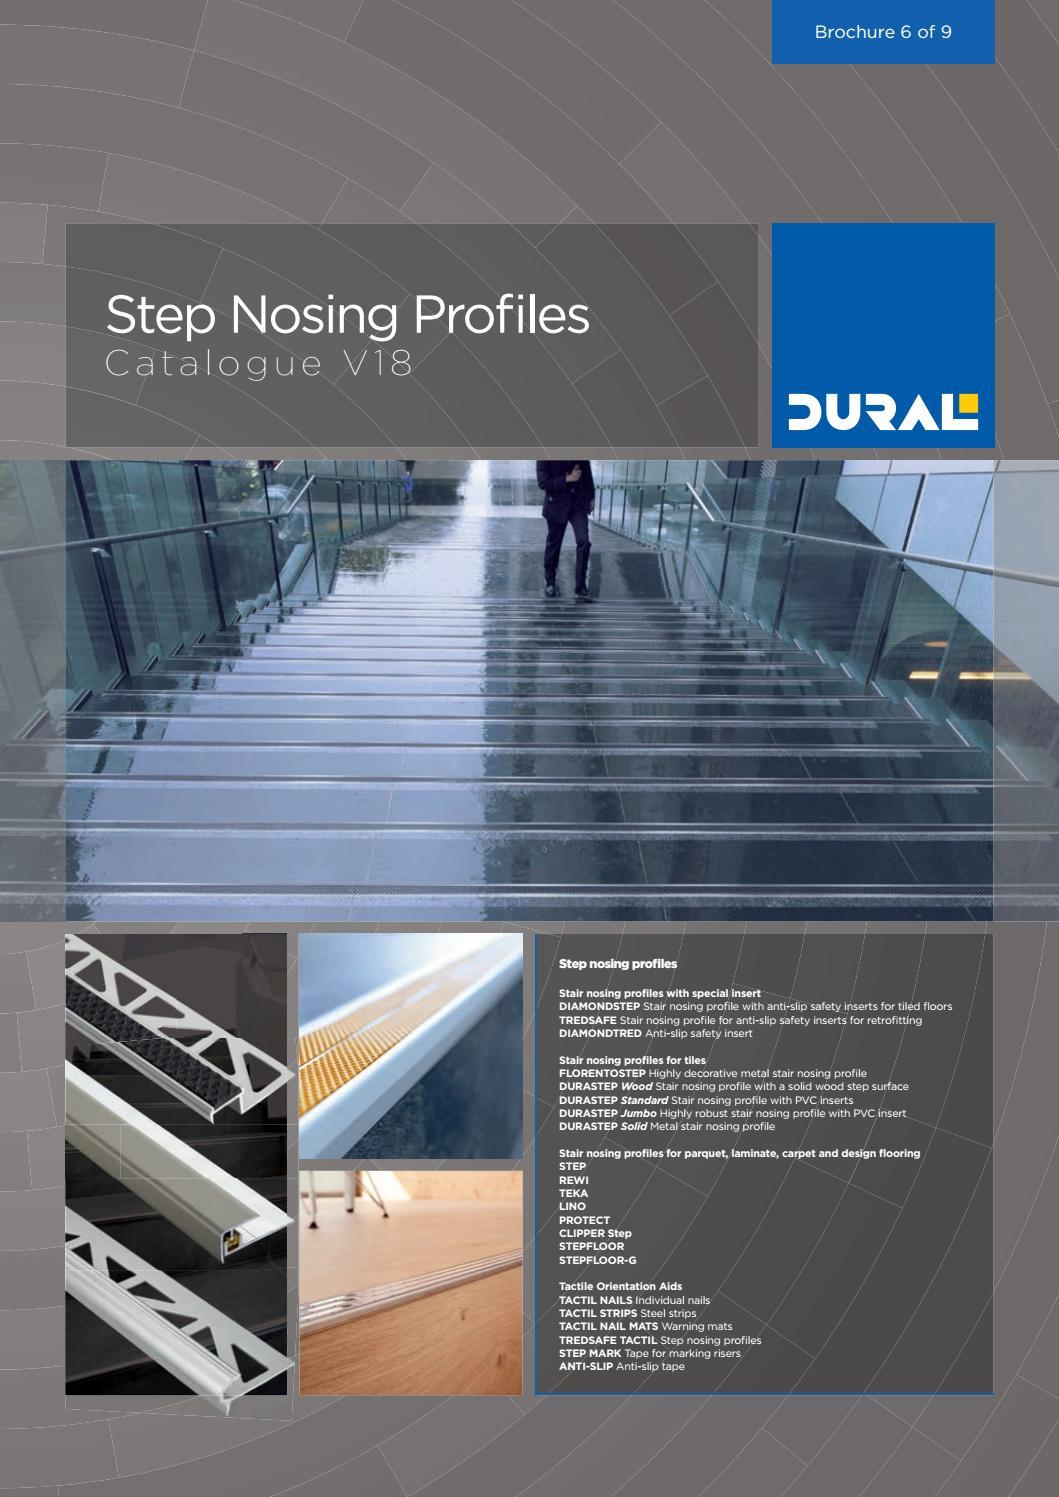 Step Nosing Profiles - Catalogue V18